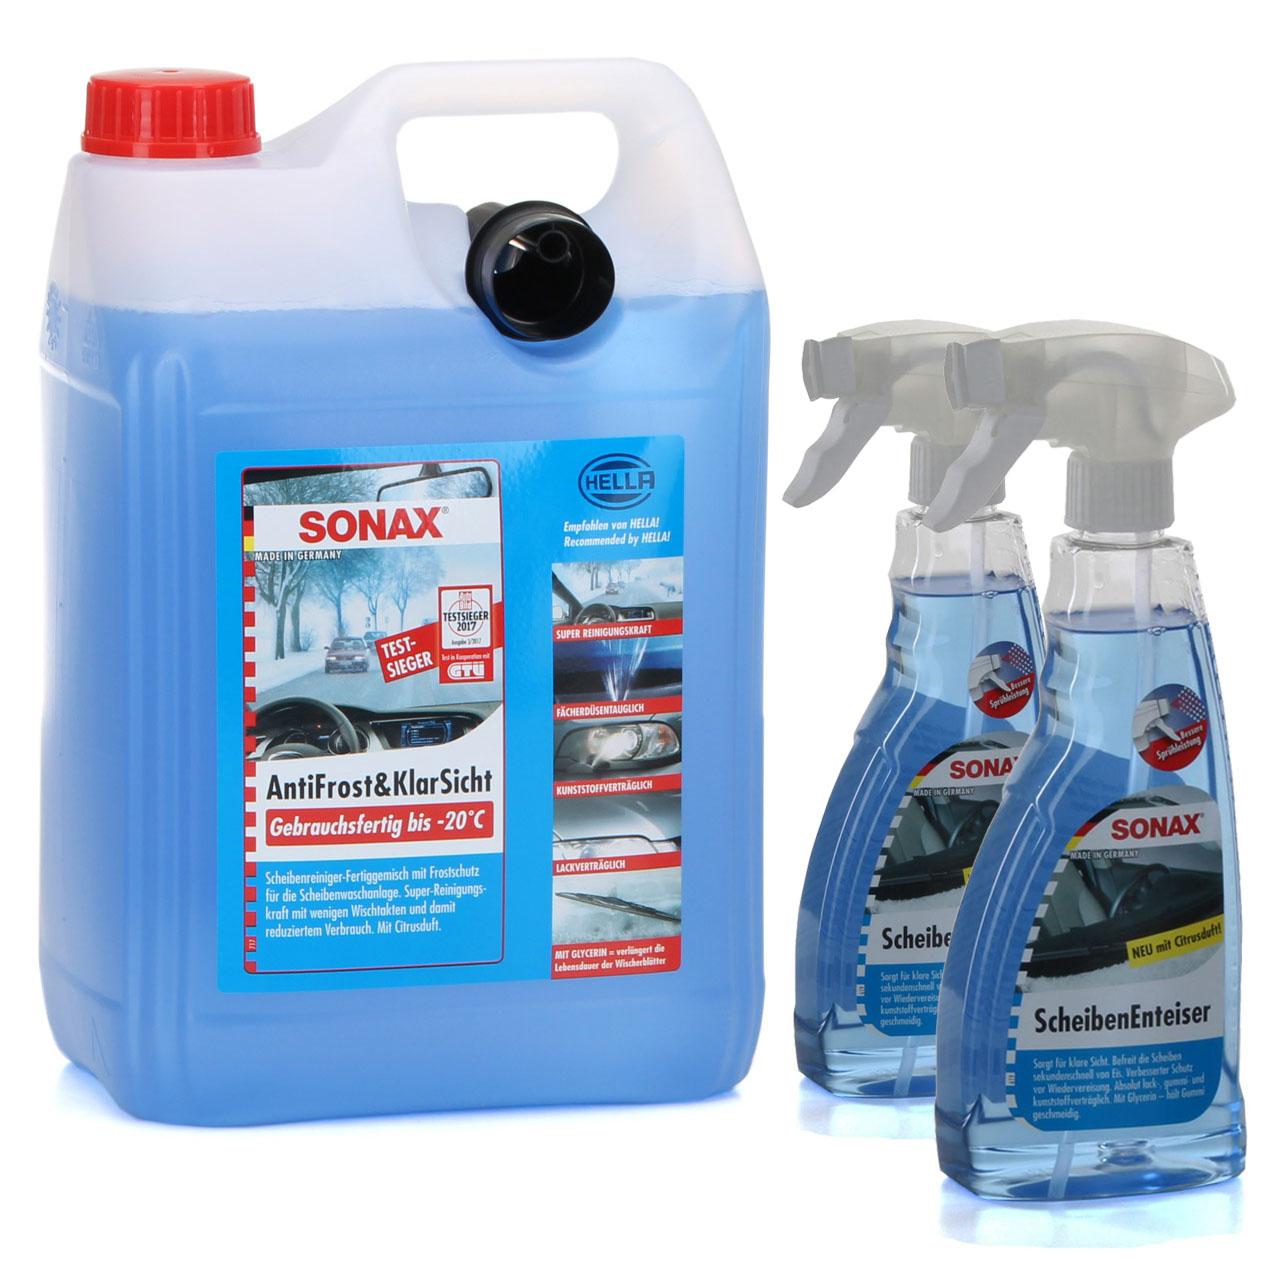 SONAX ANTIFROST & KLARSICHT bis -20°C 5 Liter + SONAX Scheibenenteiser 500ml